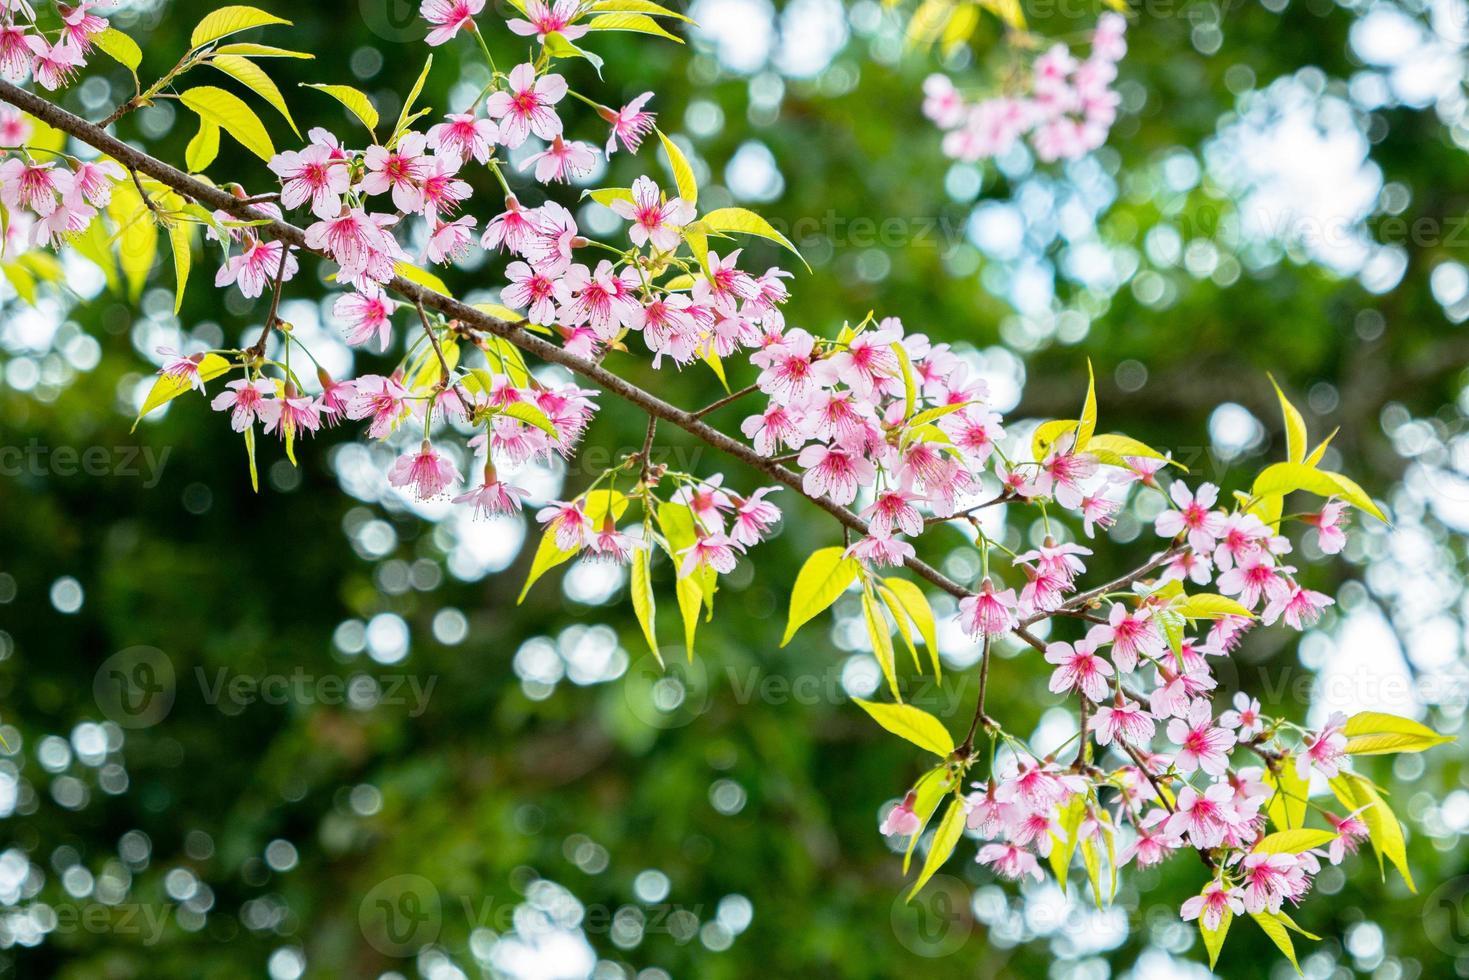 fiori di ciliegio contro foglie verdi foto